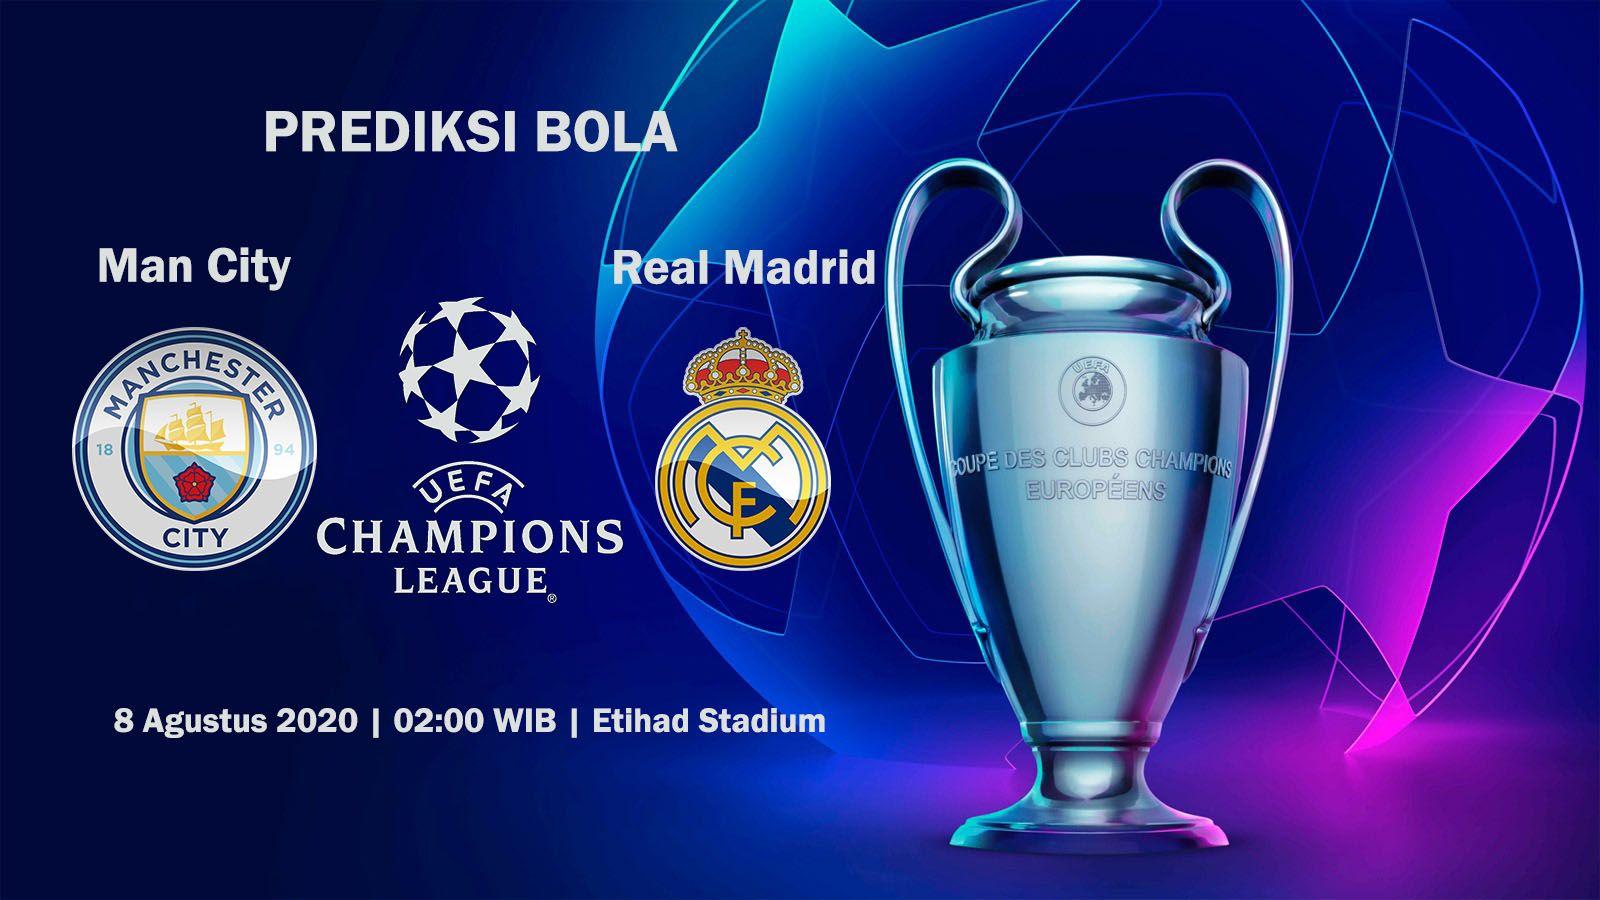 Real Madrid Vs Manchester City 1 2 Uefa Champions League 26 02 2020 En 2020 Juvenal Champion S League